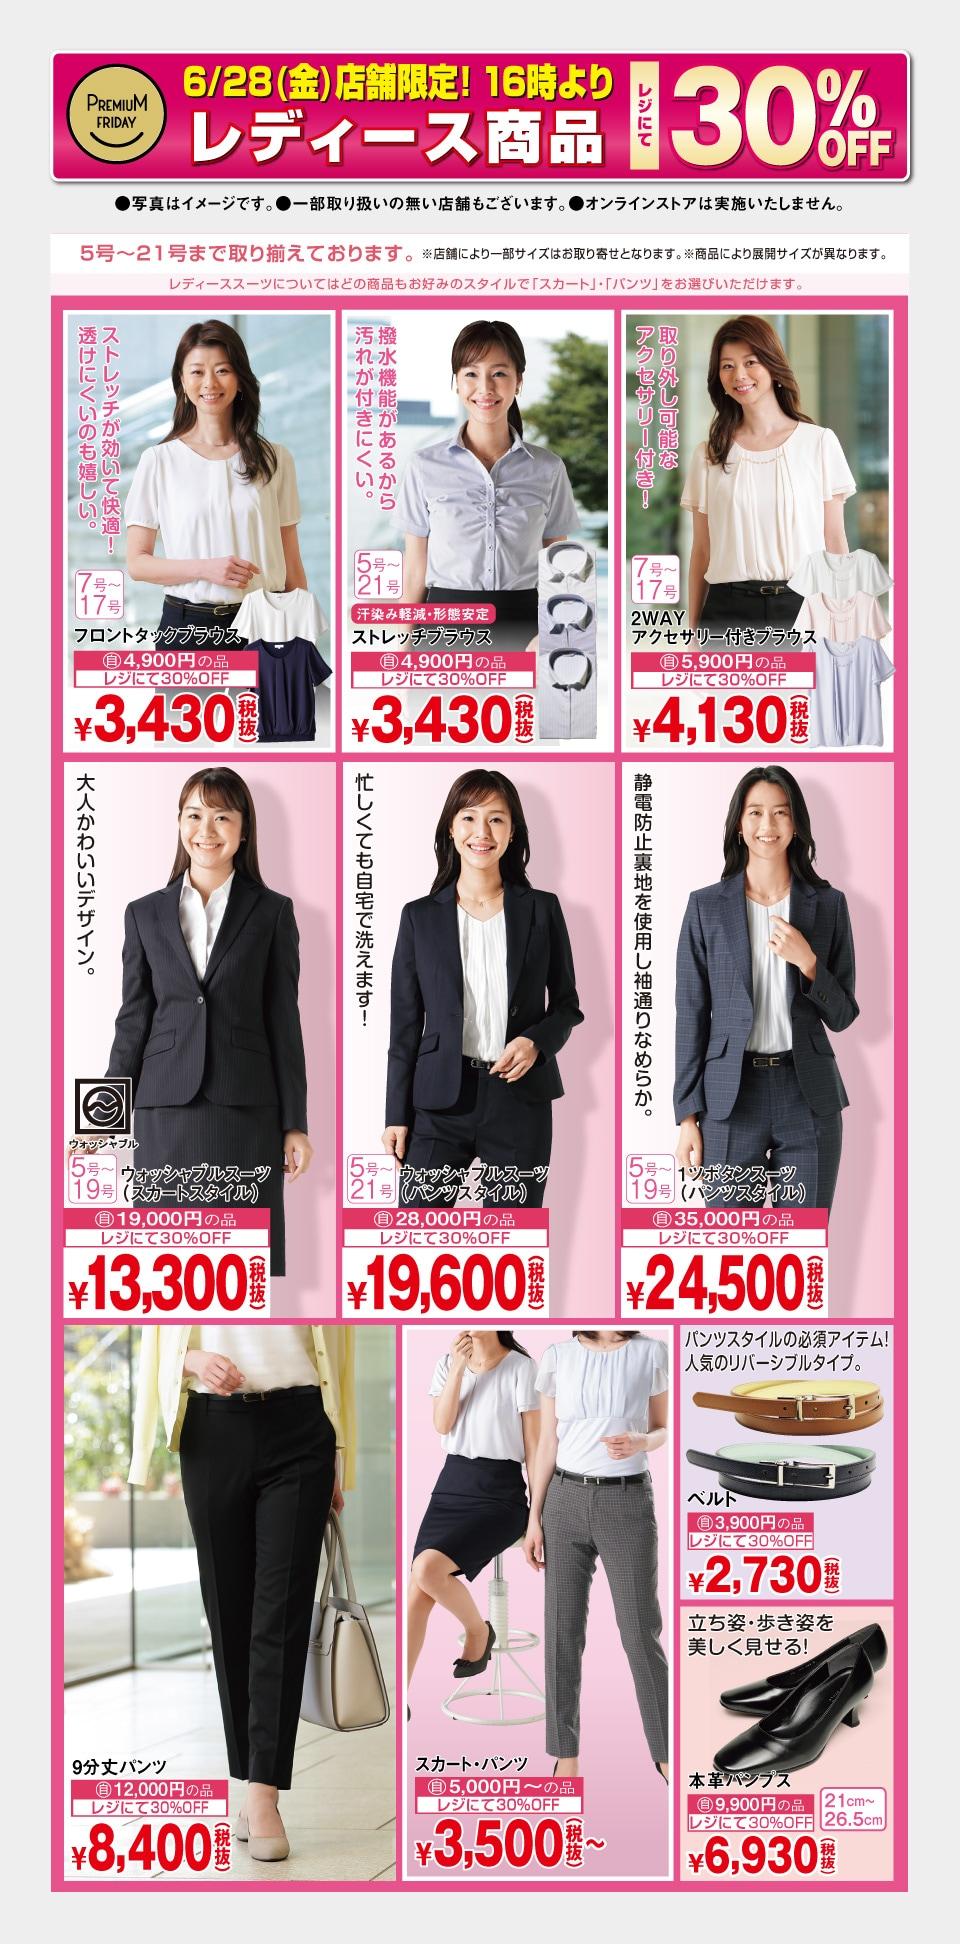 メンズフォーマル 20,000円(税抜)引